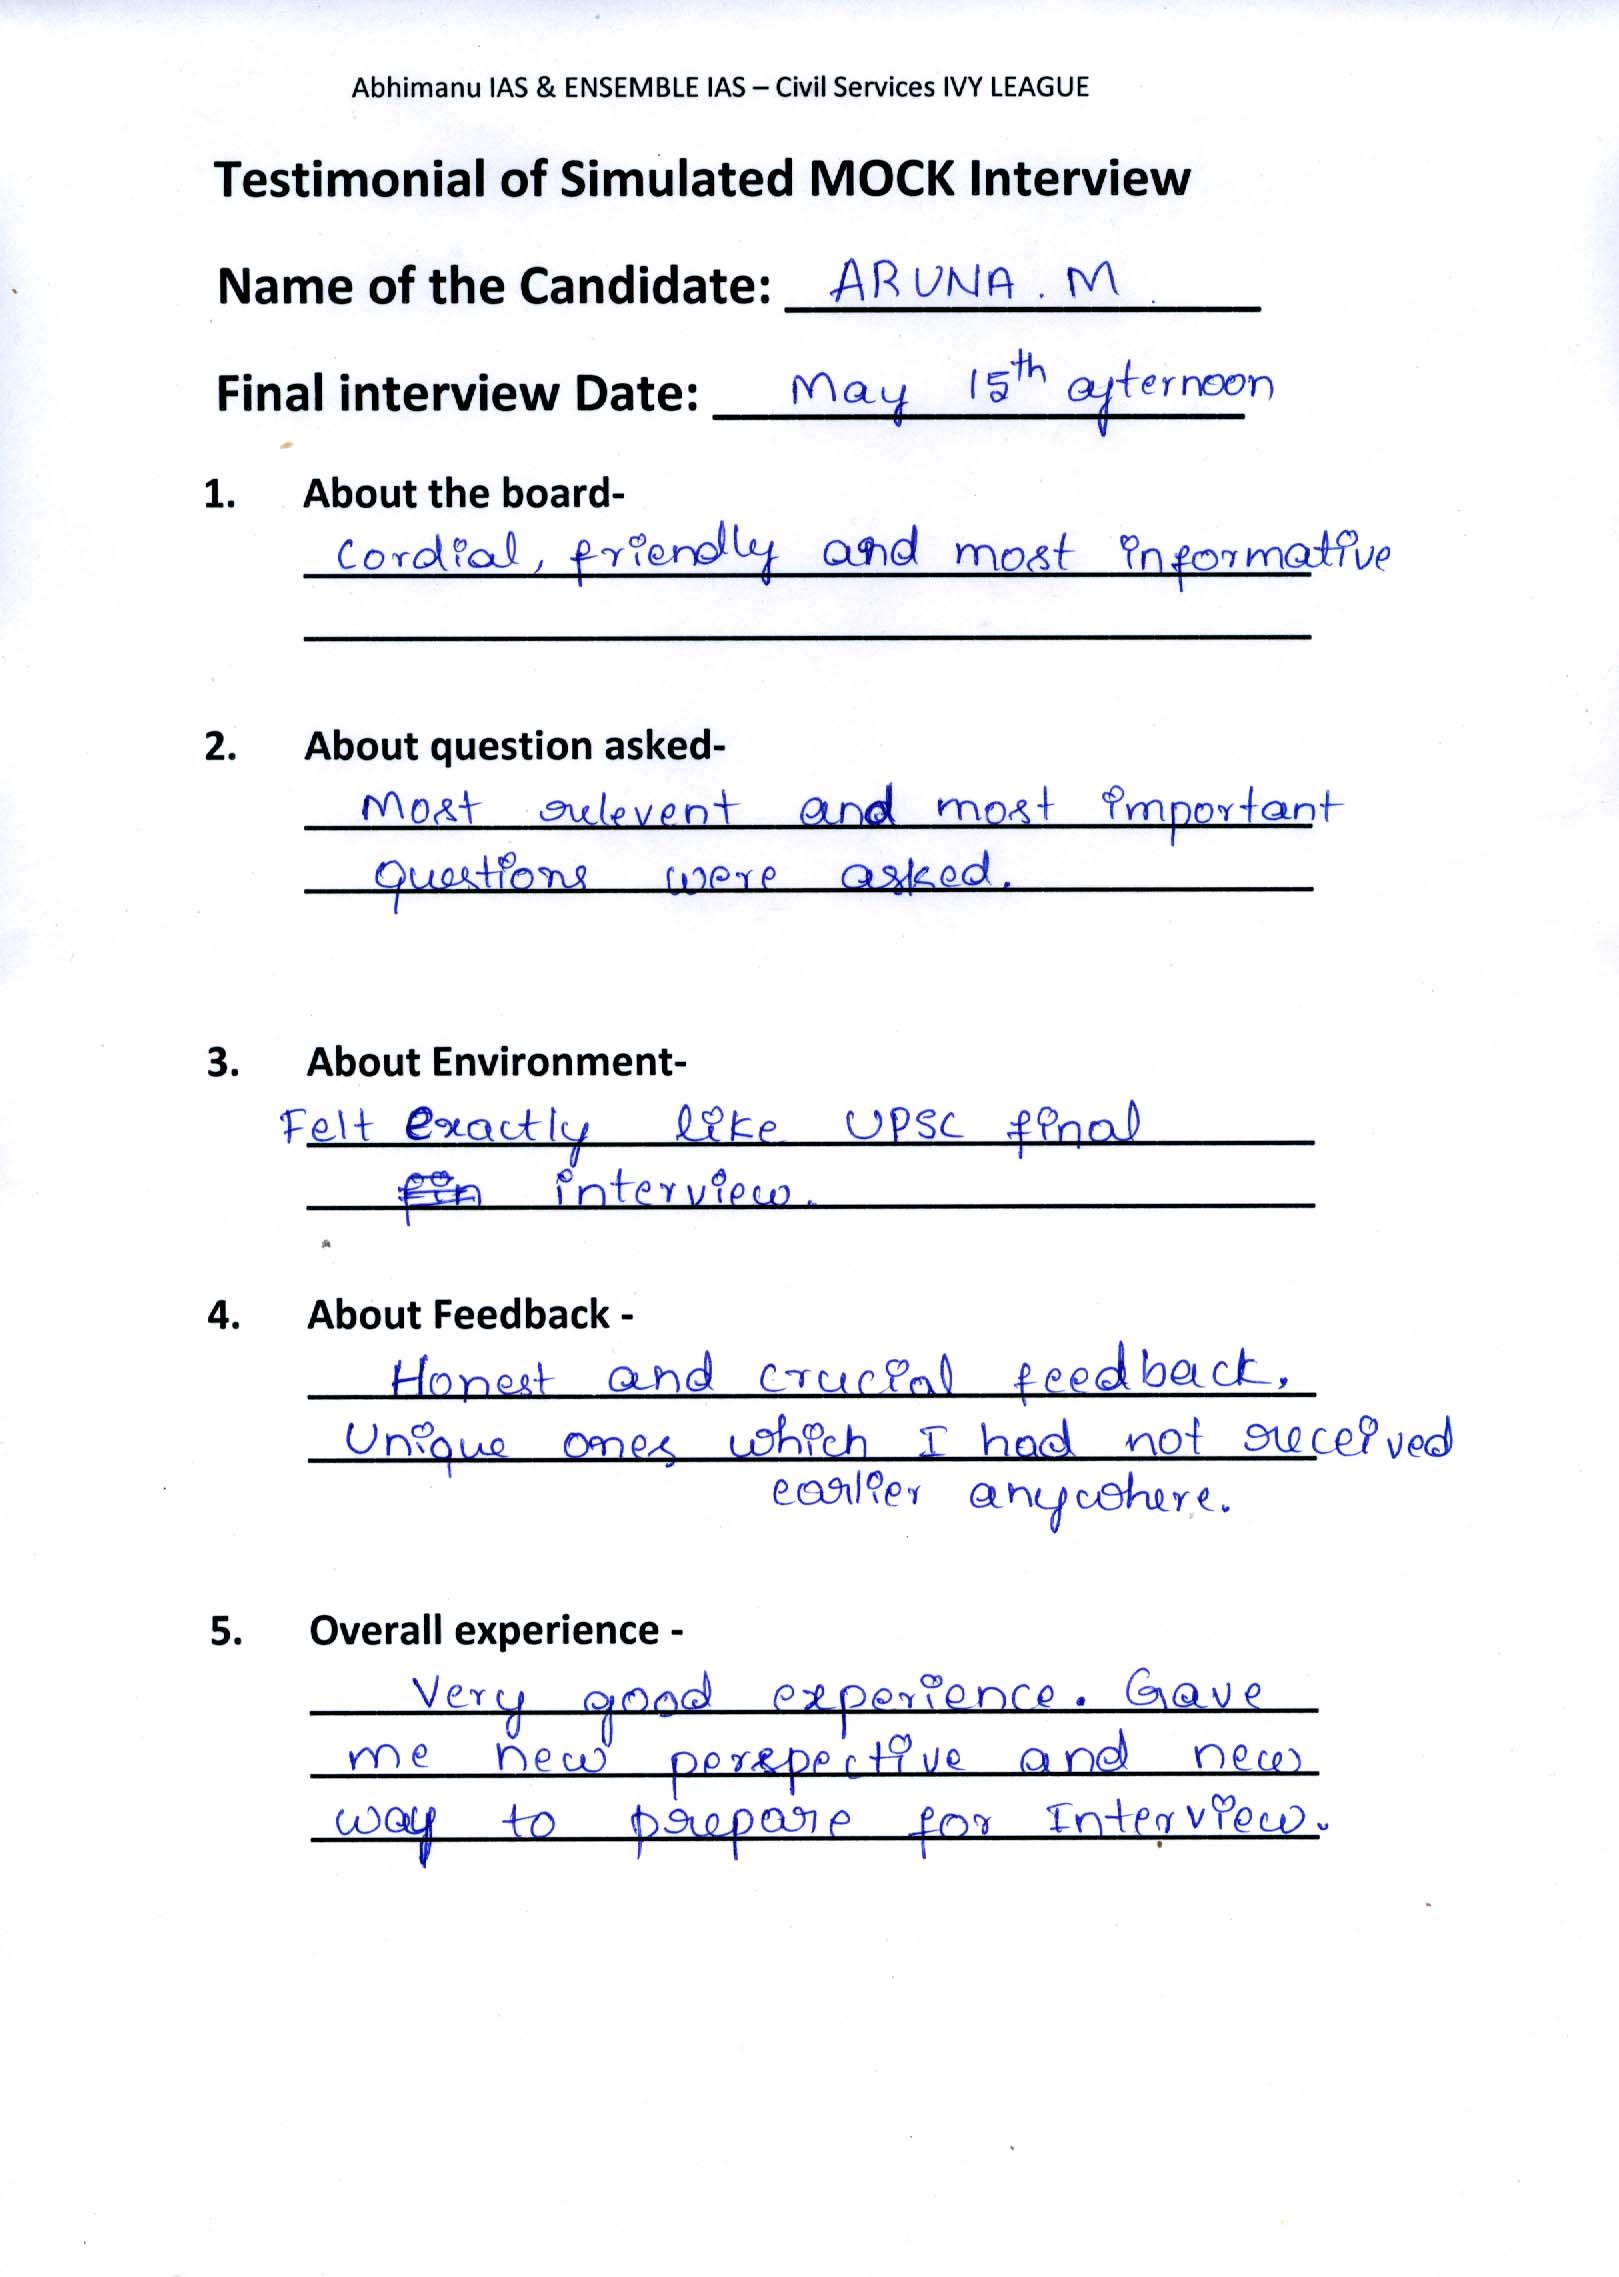 Interview Testimonial By- Aruna